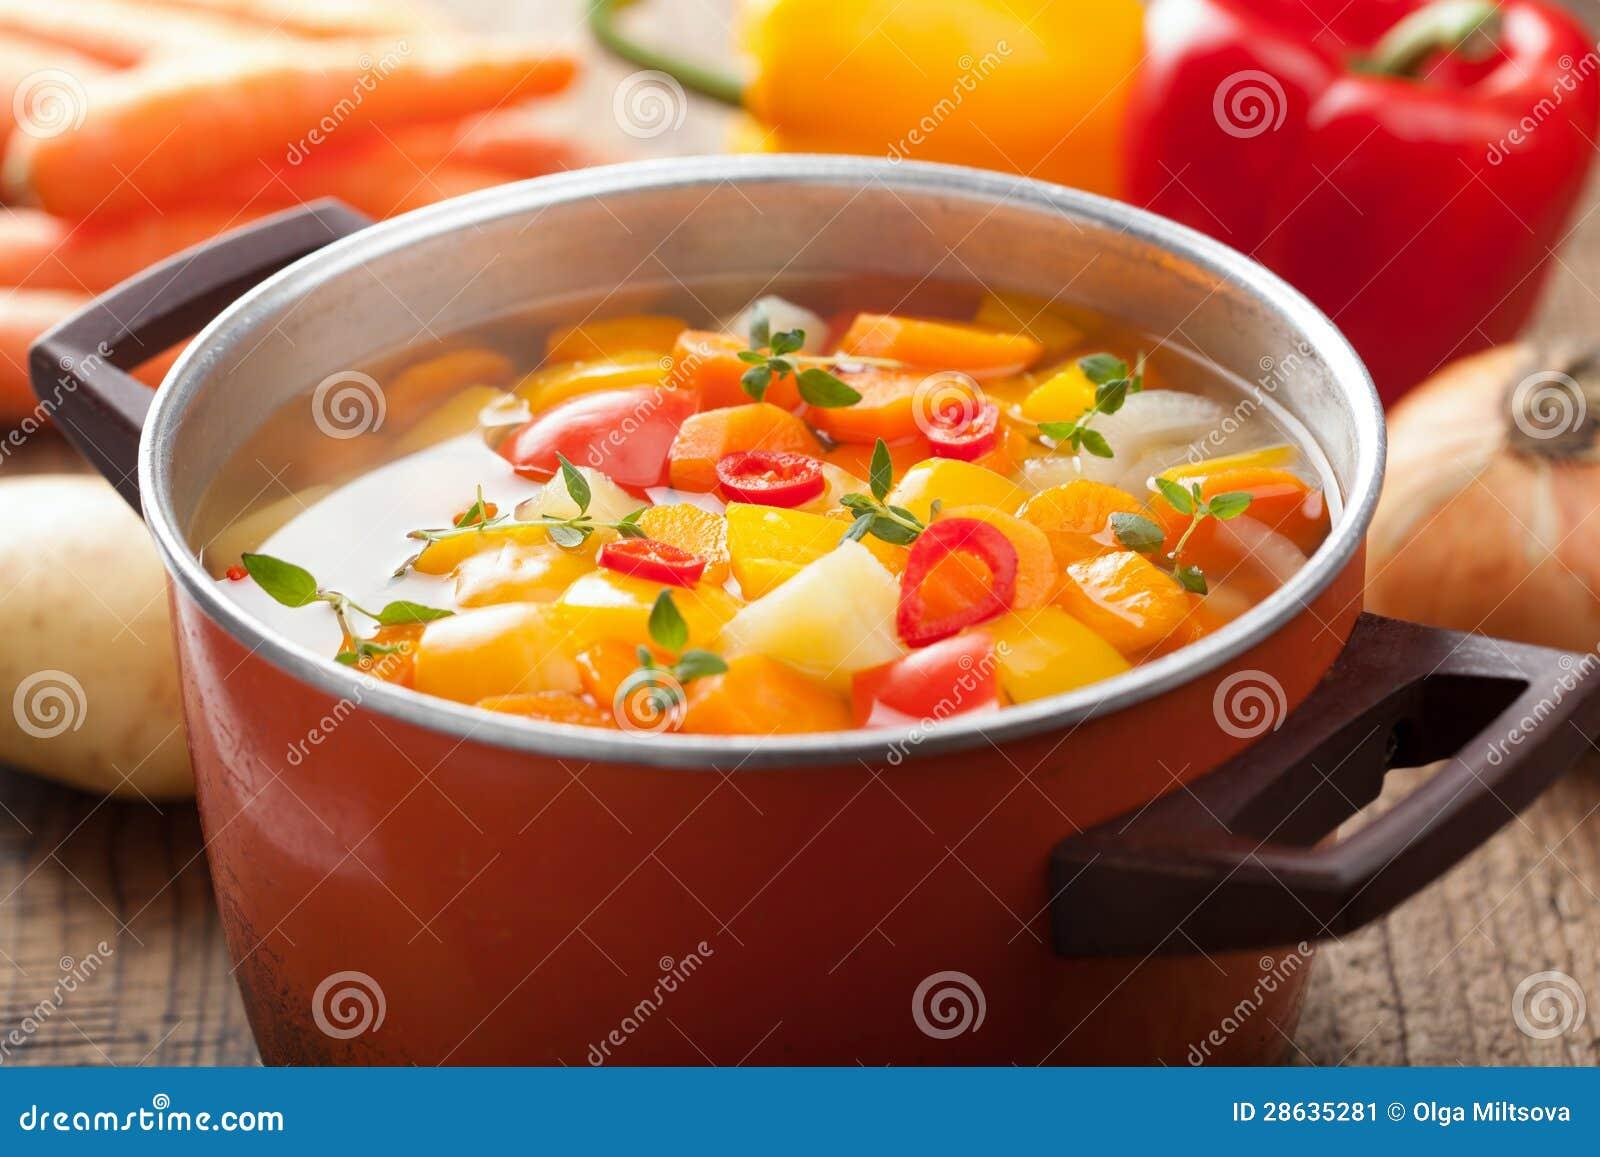 Potage aux légumes dans le bac